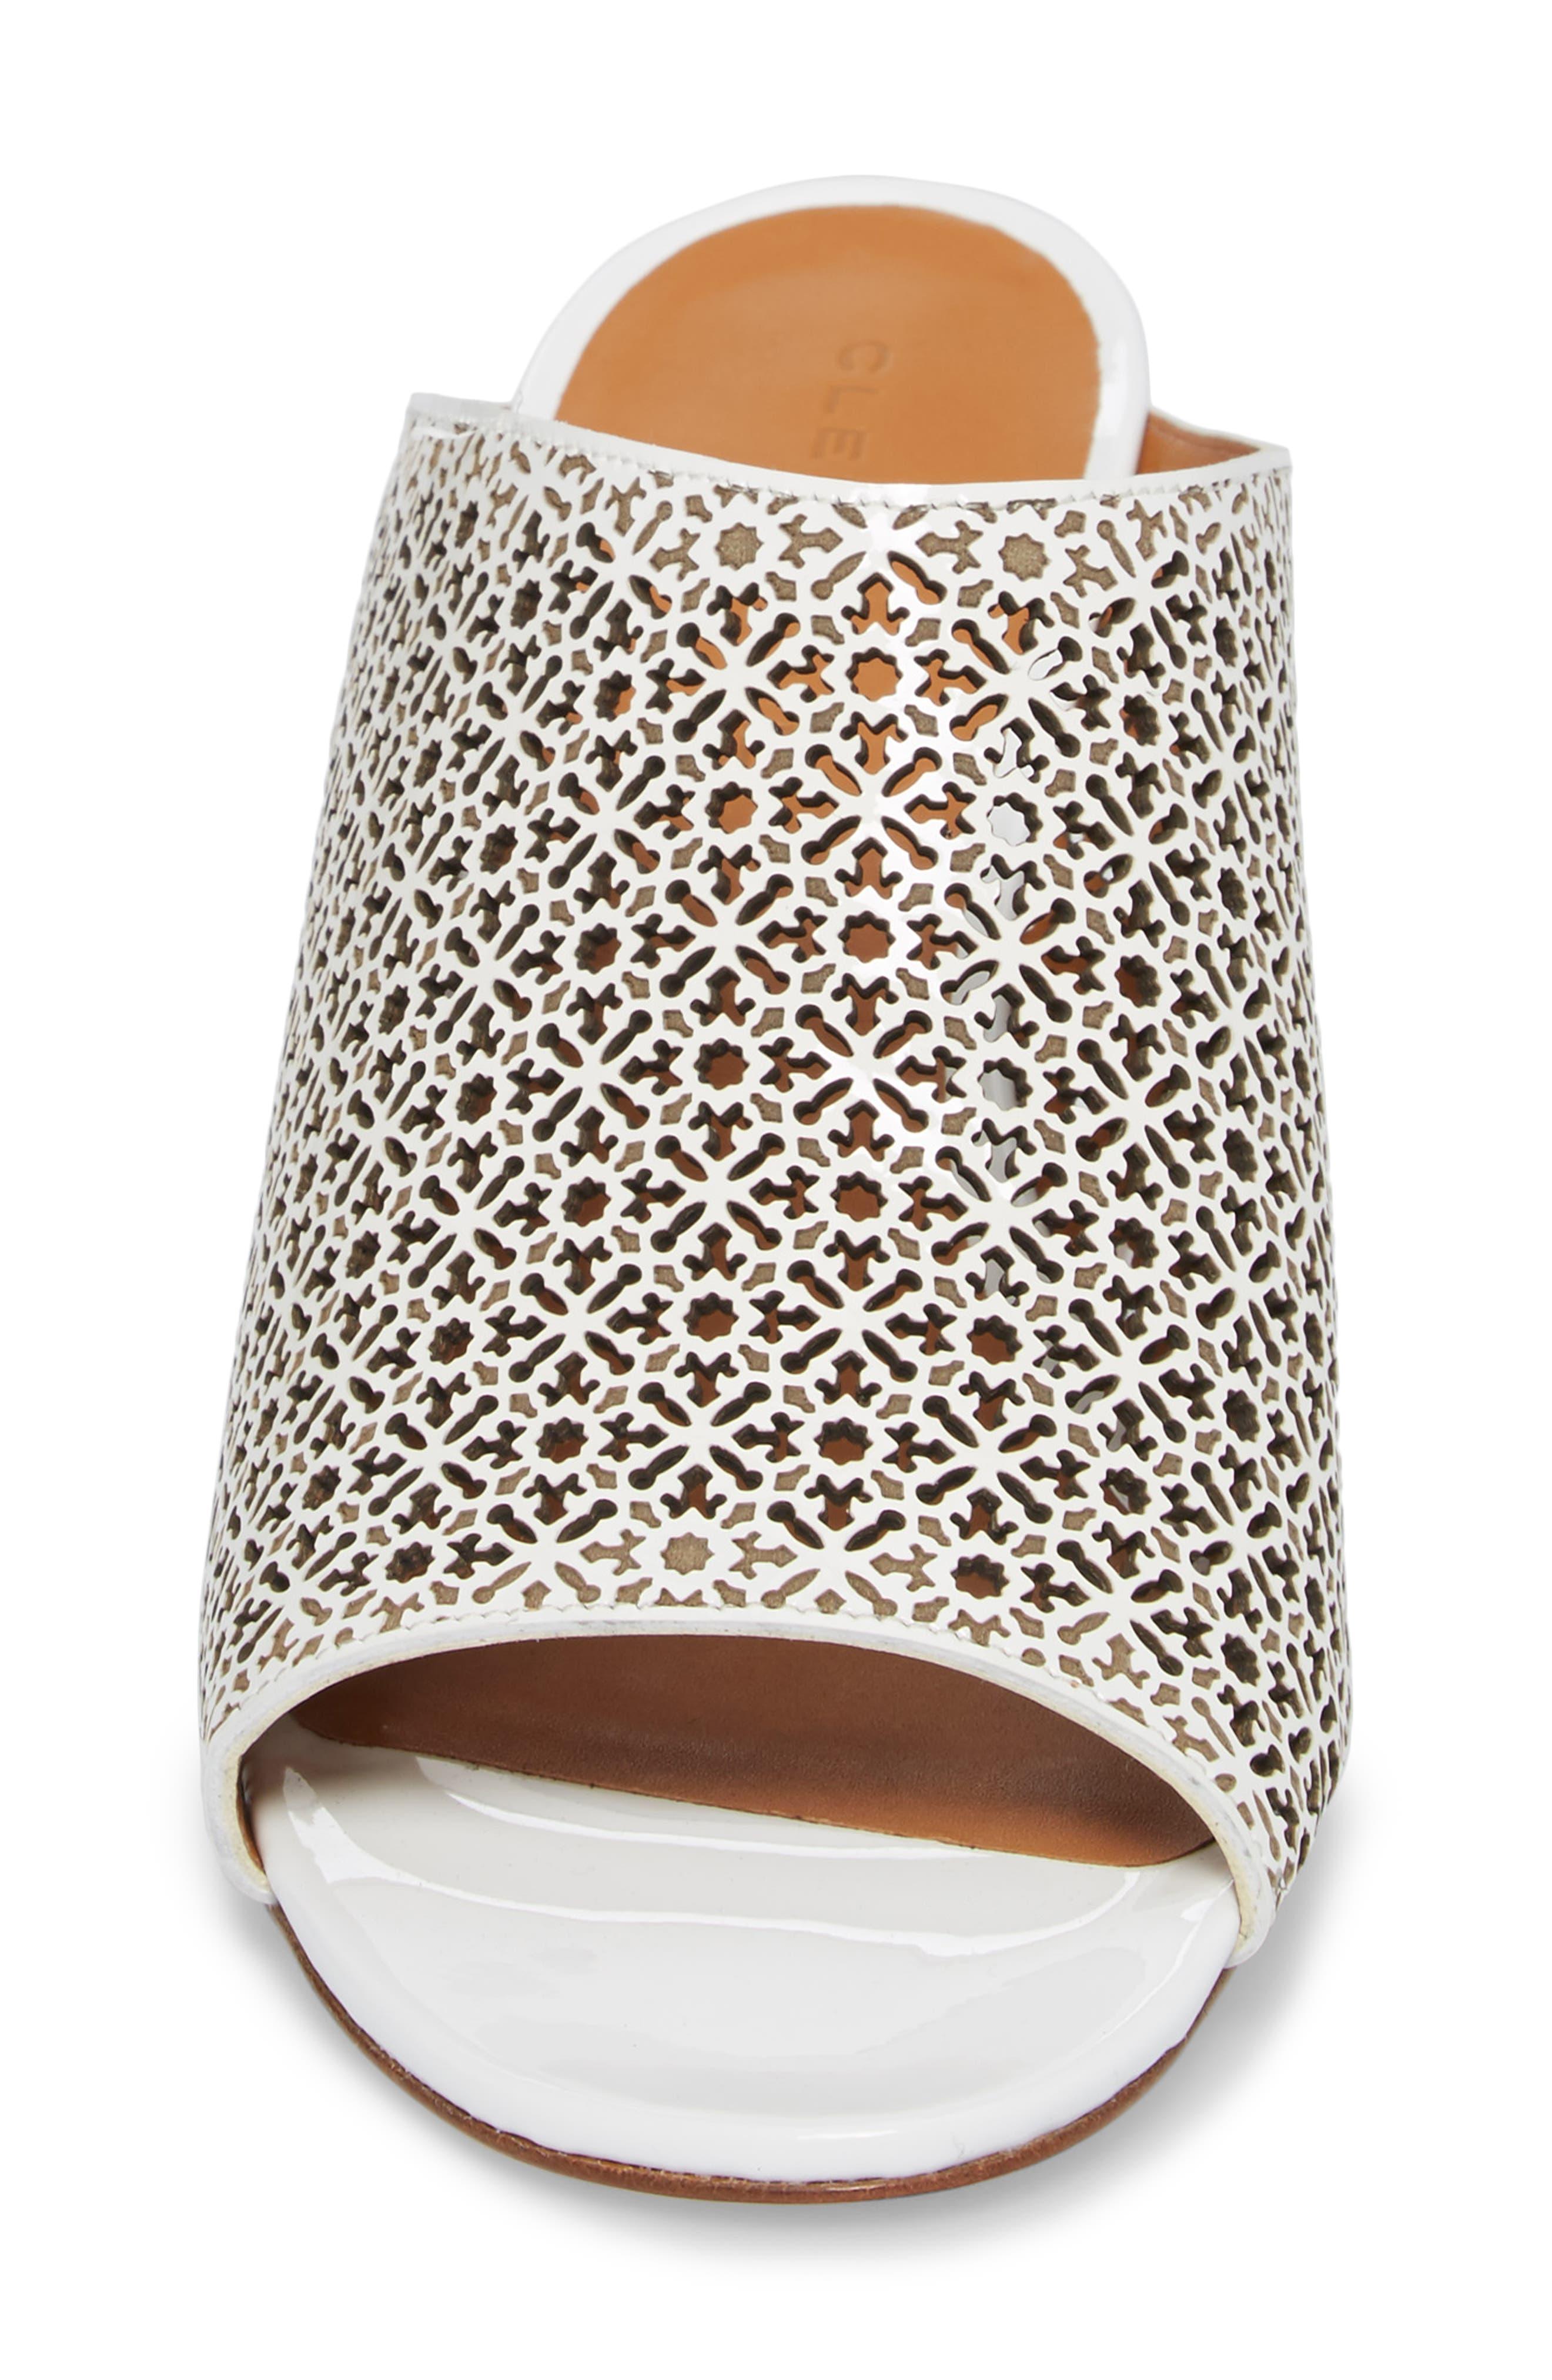 Cara Perforated Sandal,                             Alternate thumbnail 4, color,                             109